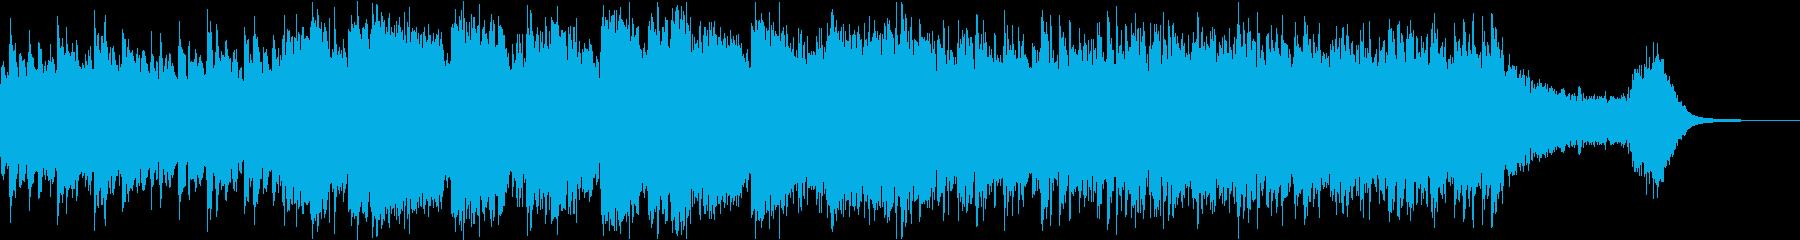 近未来を感じるBGMの再生済みの波形